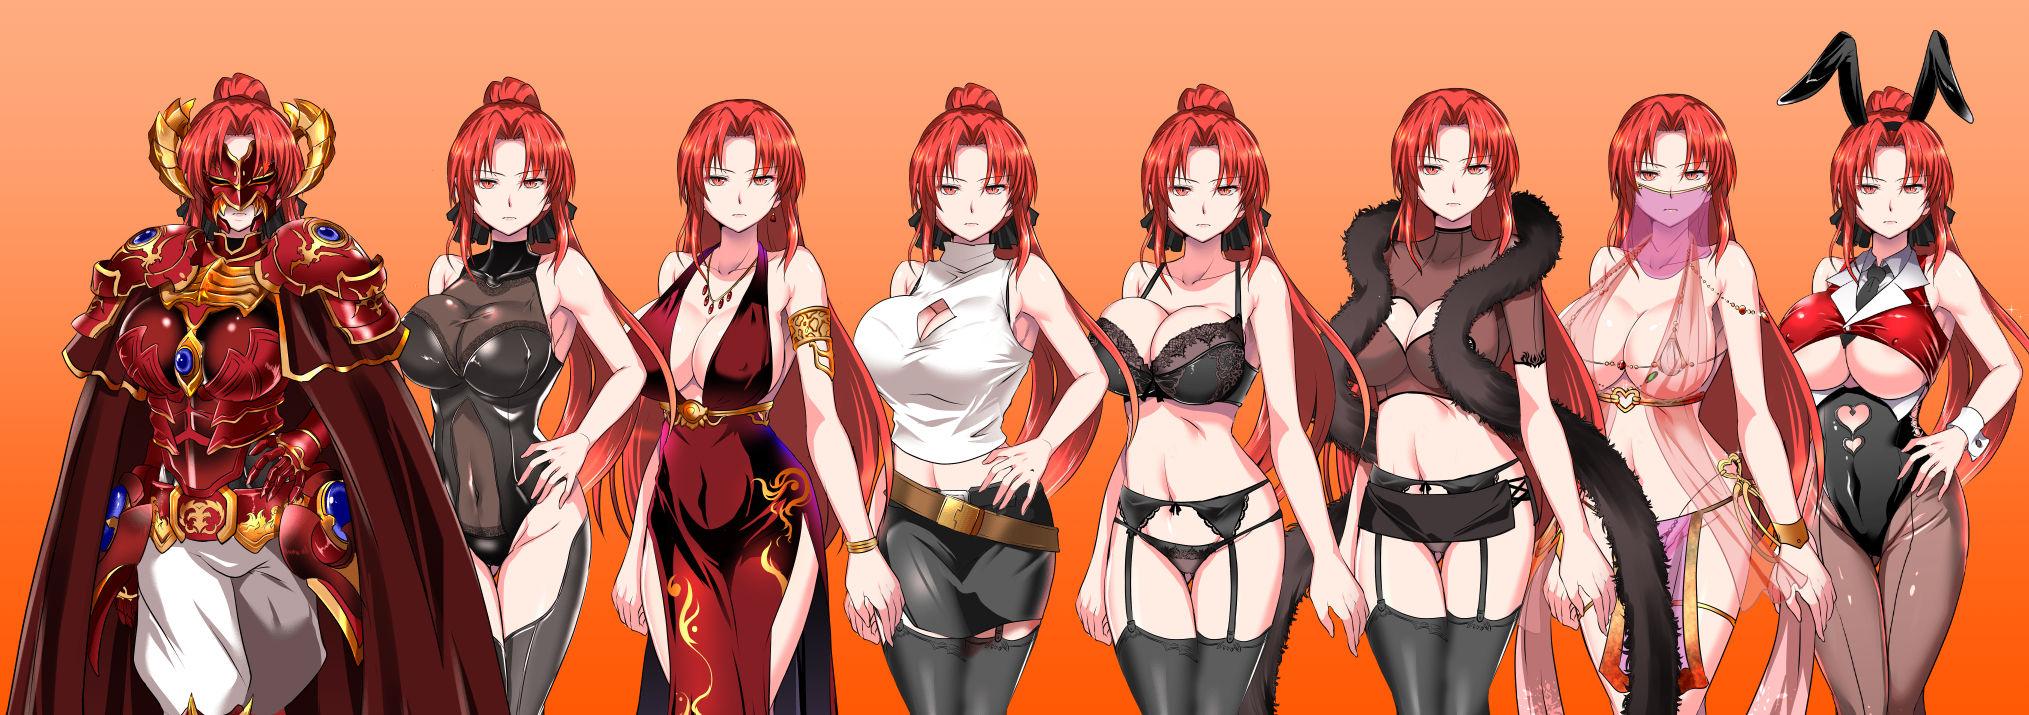 サンプル画像5:赤髪の鬼神(ぬこ魔神) [d_162783]